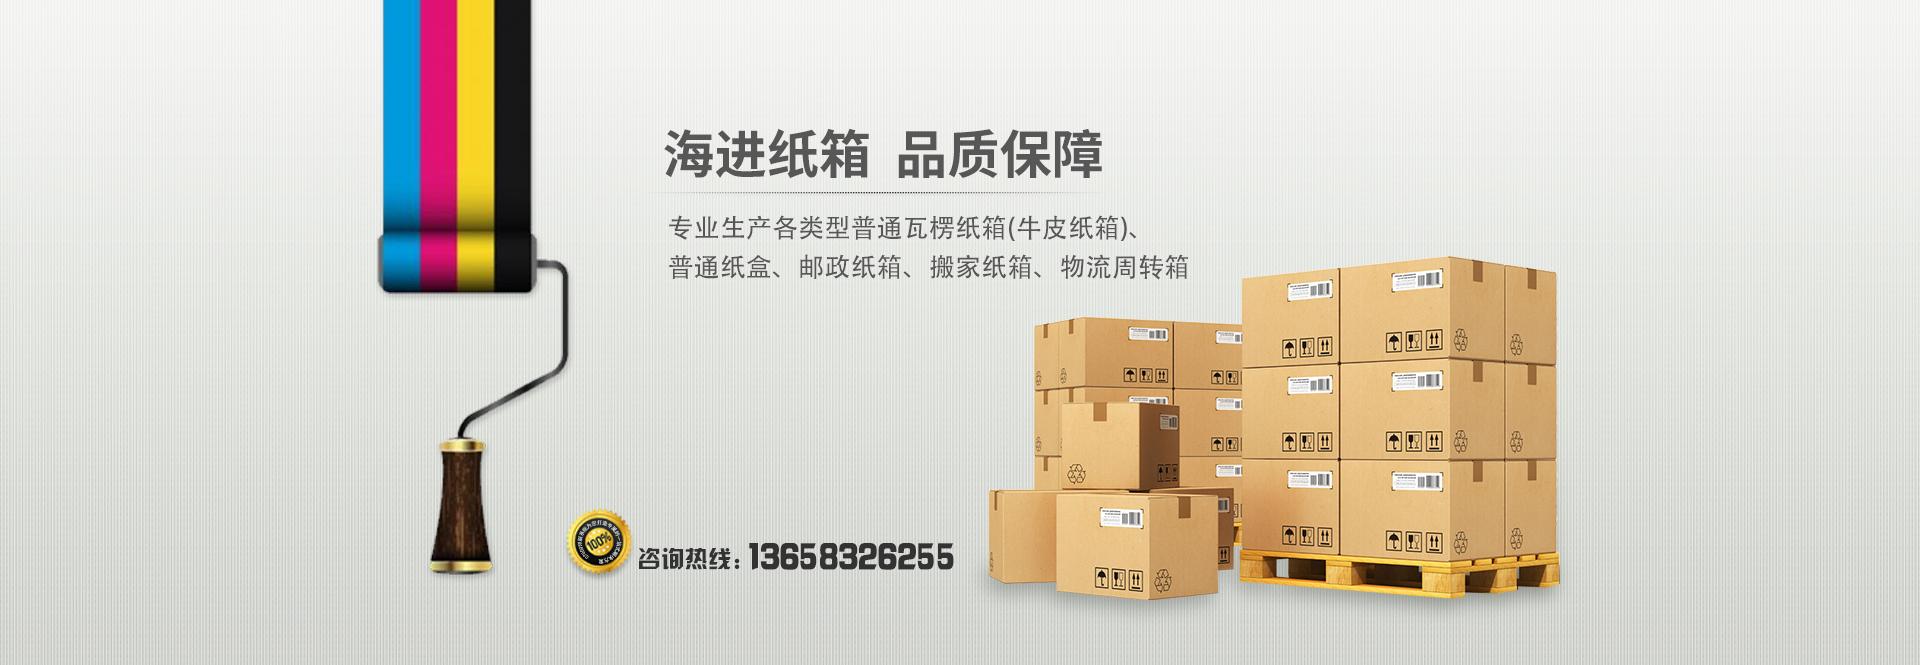 重庆纸箱厂家加入富海360合作seo百度推广软件